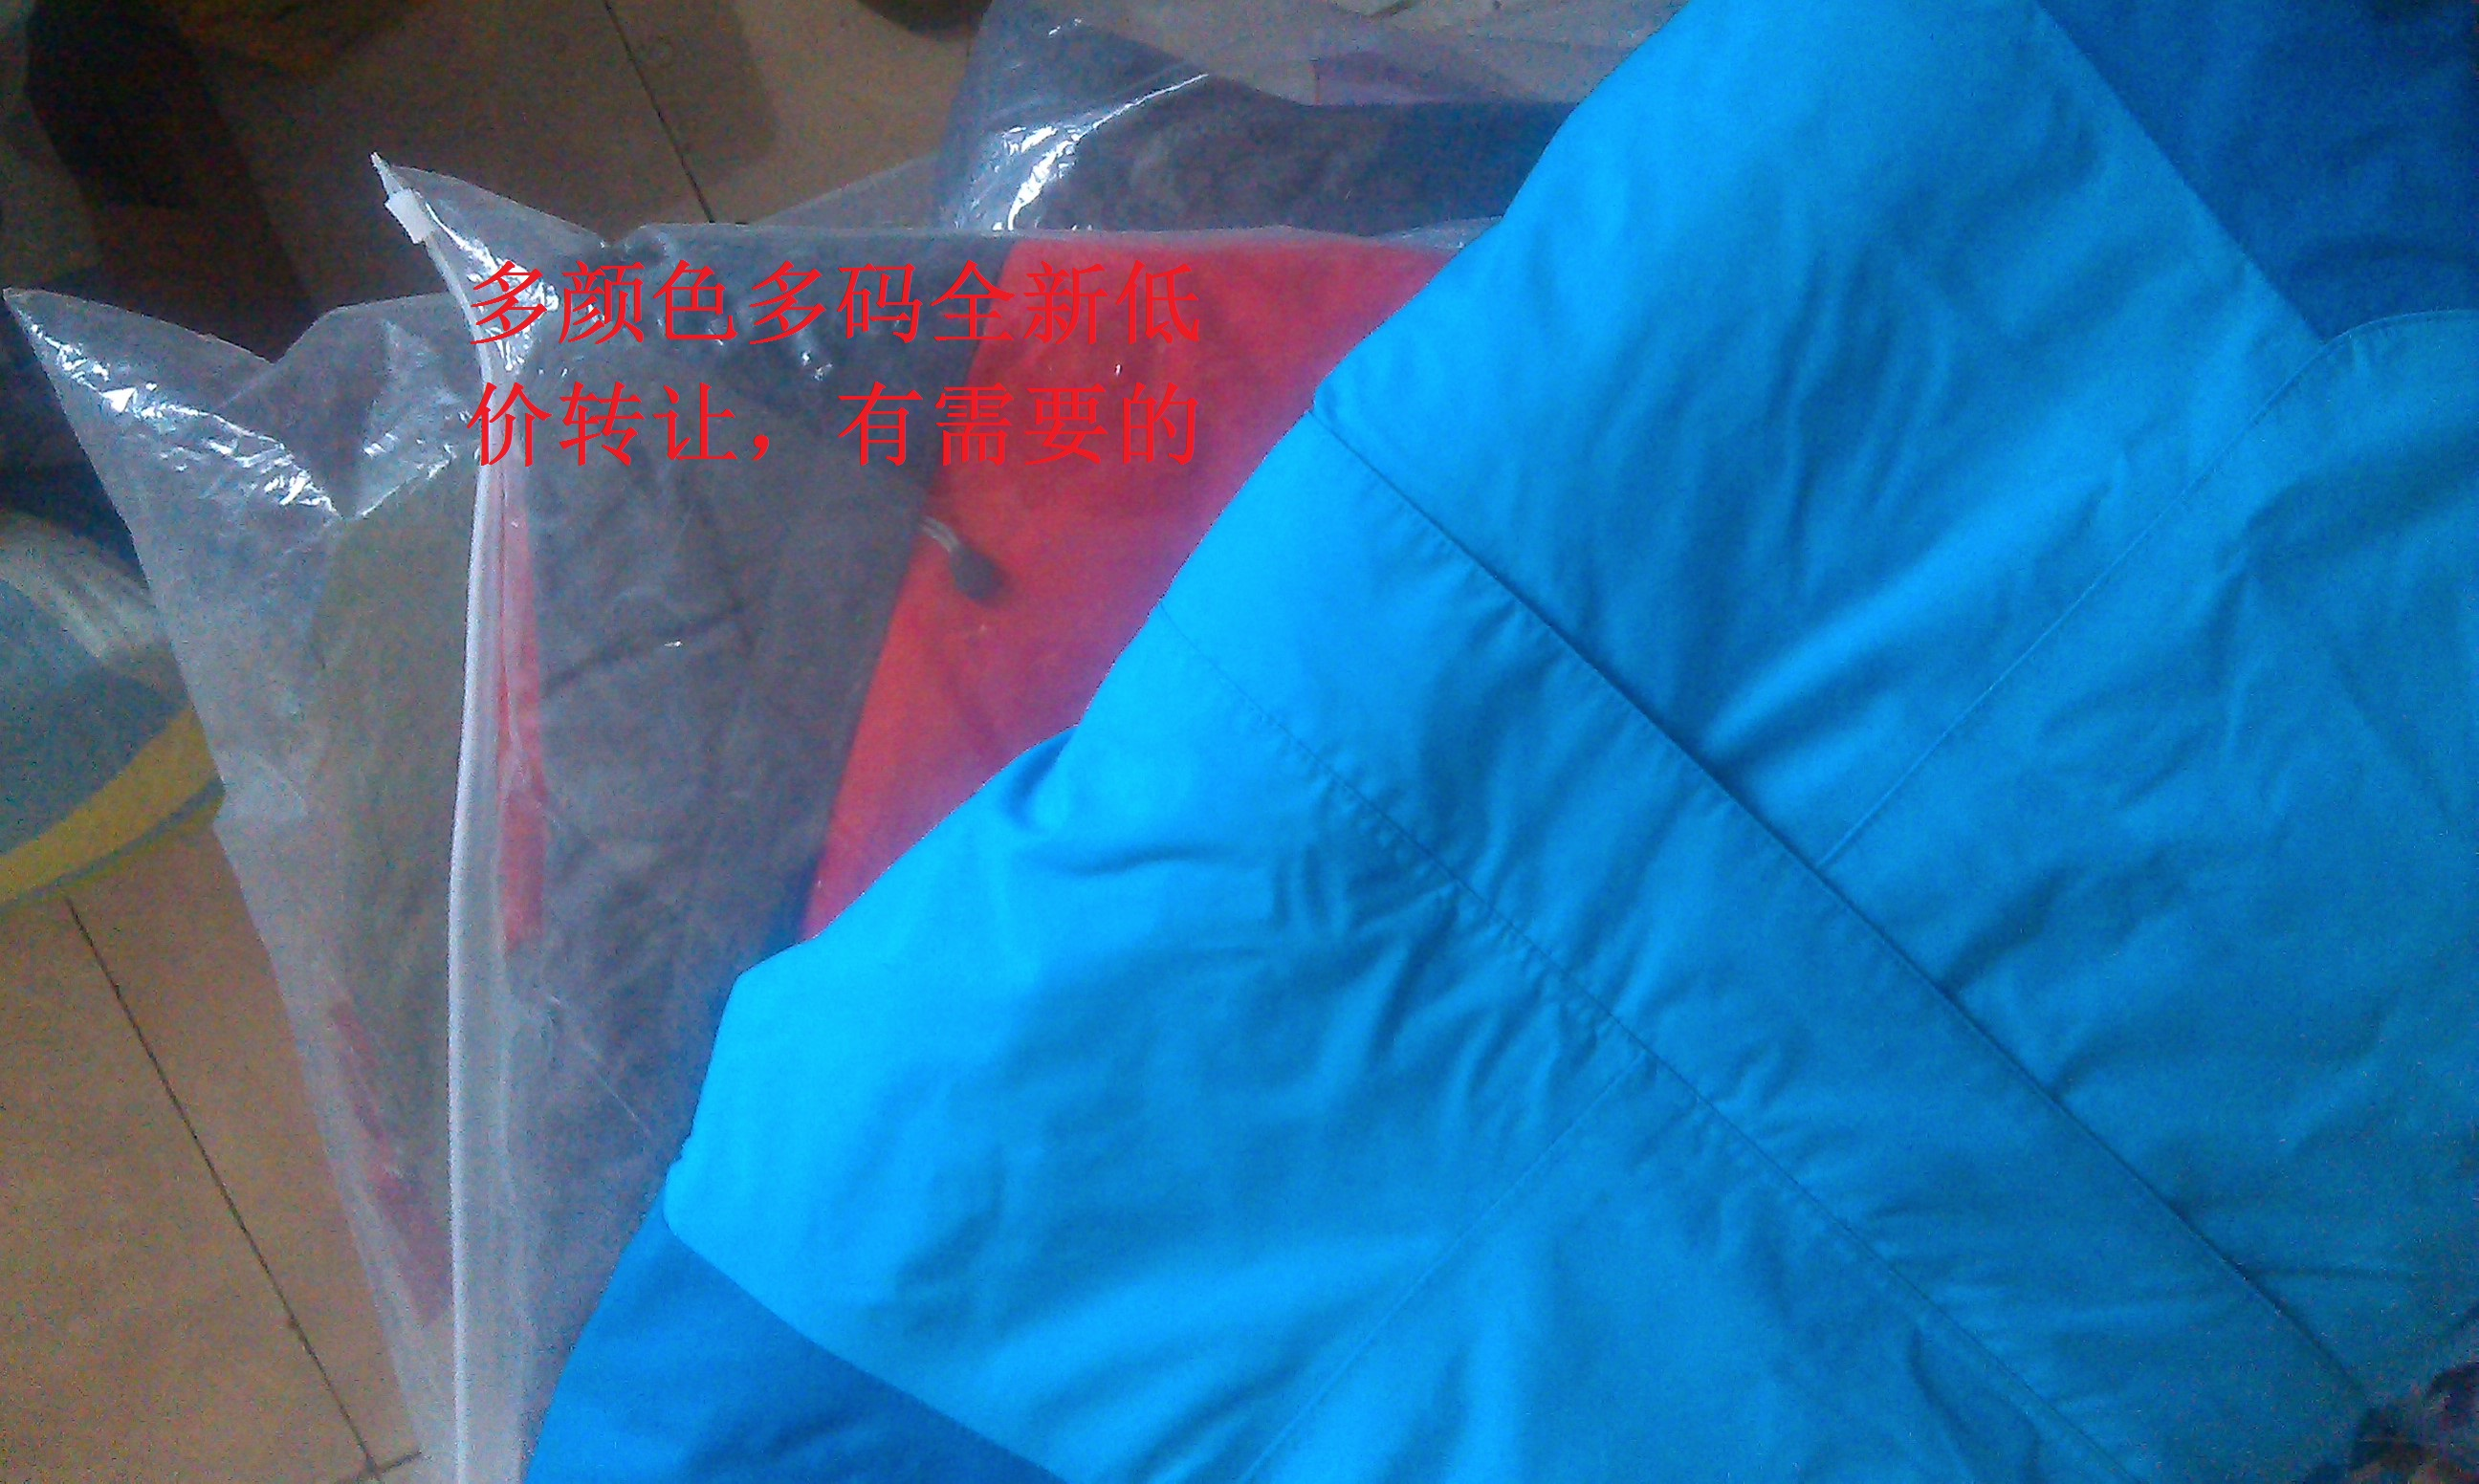 jordan 6 infrared pack ebay 00296475 store